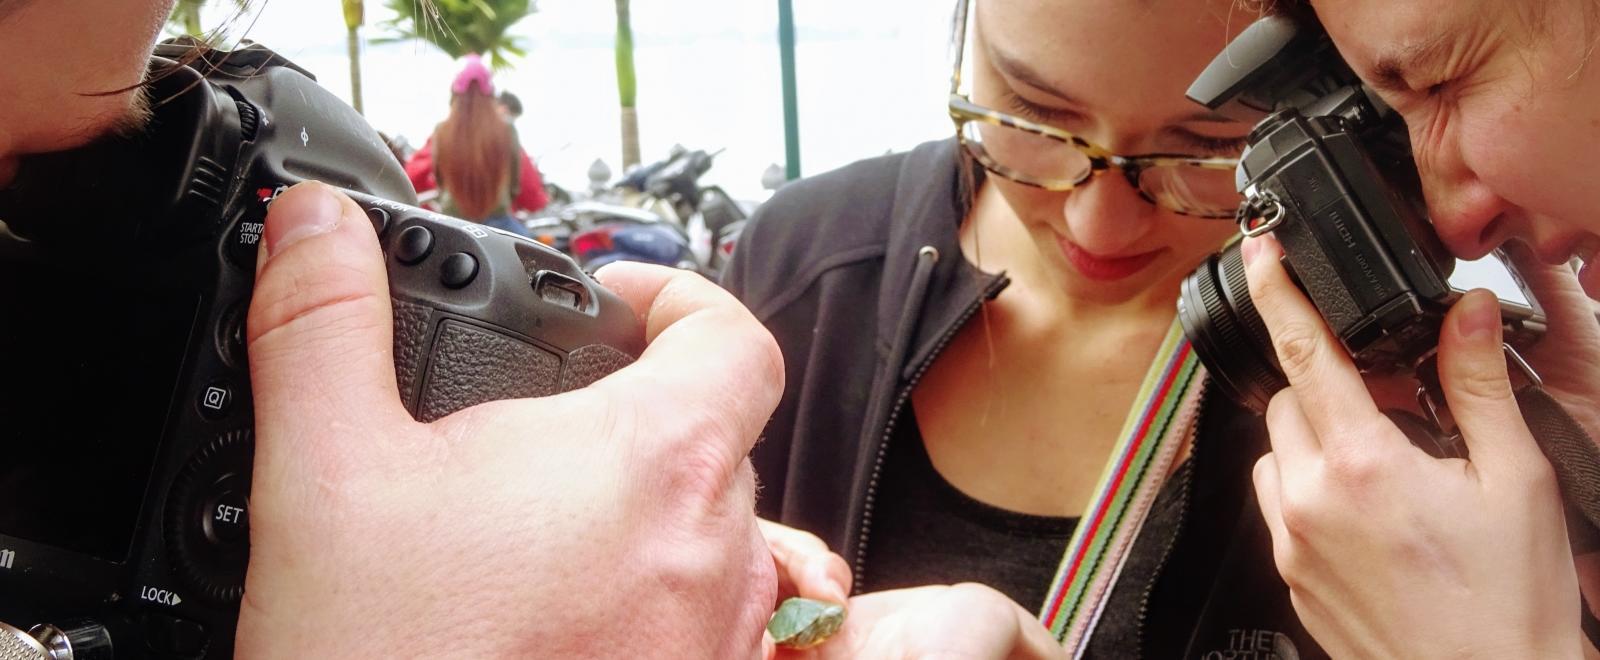 Journalism Internship In Vietnam Projects Abroad